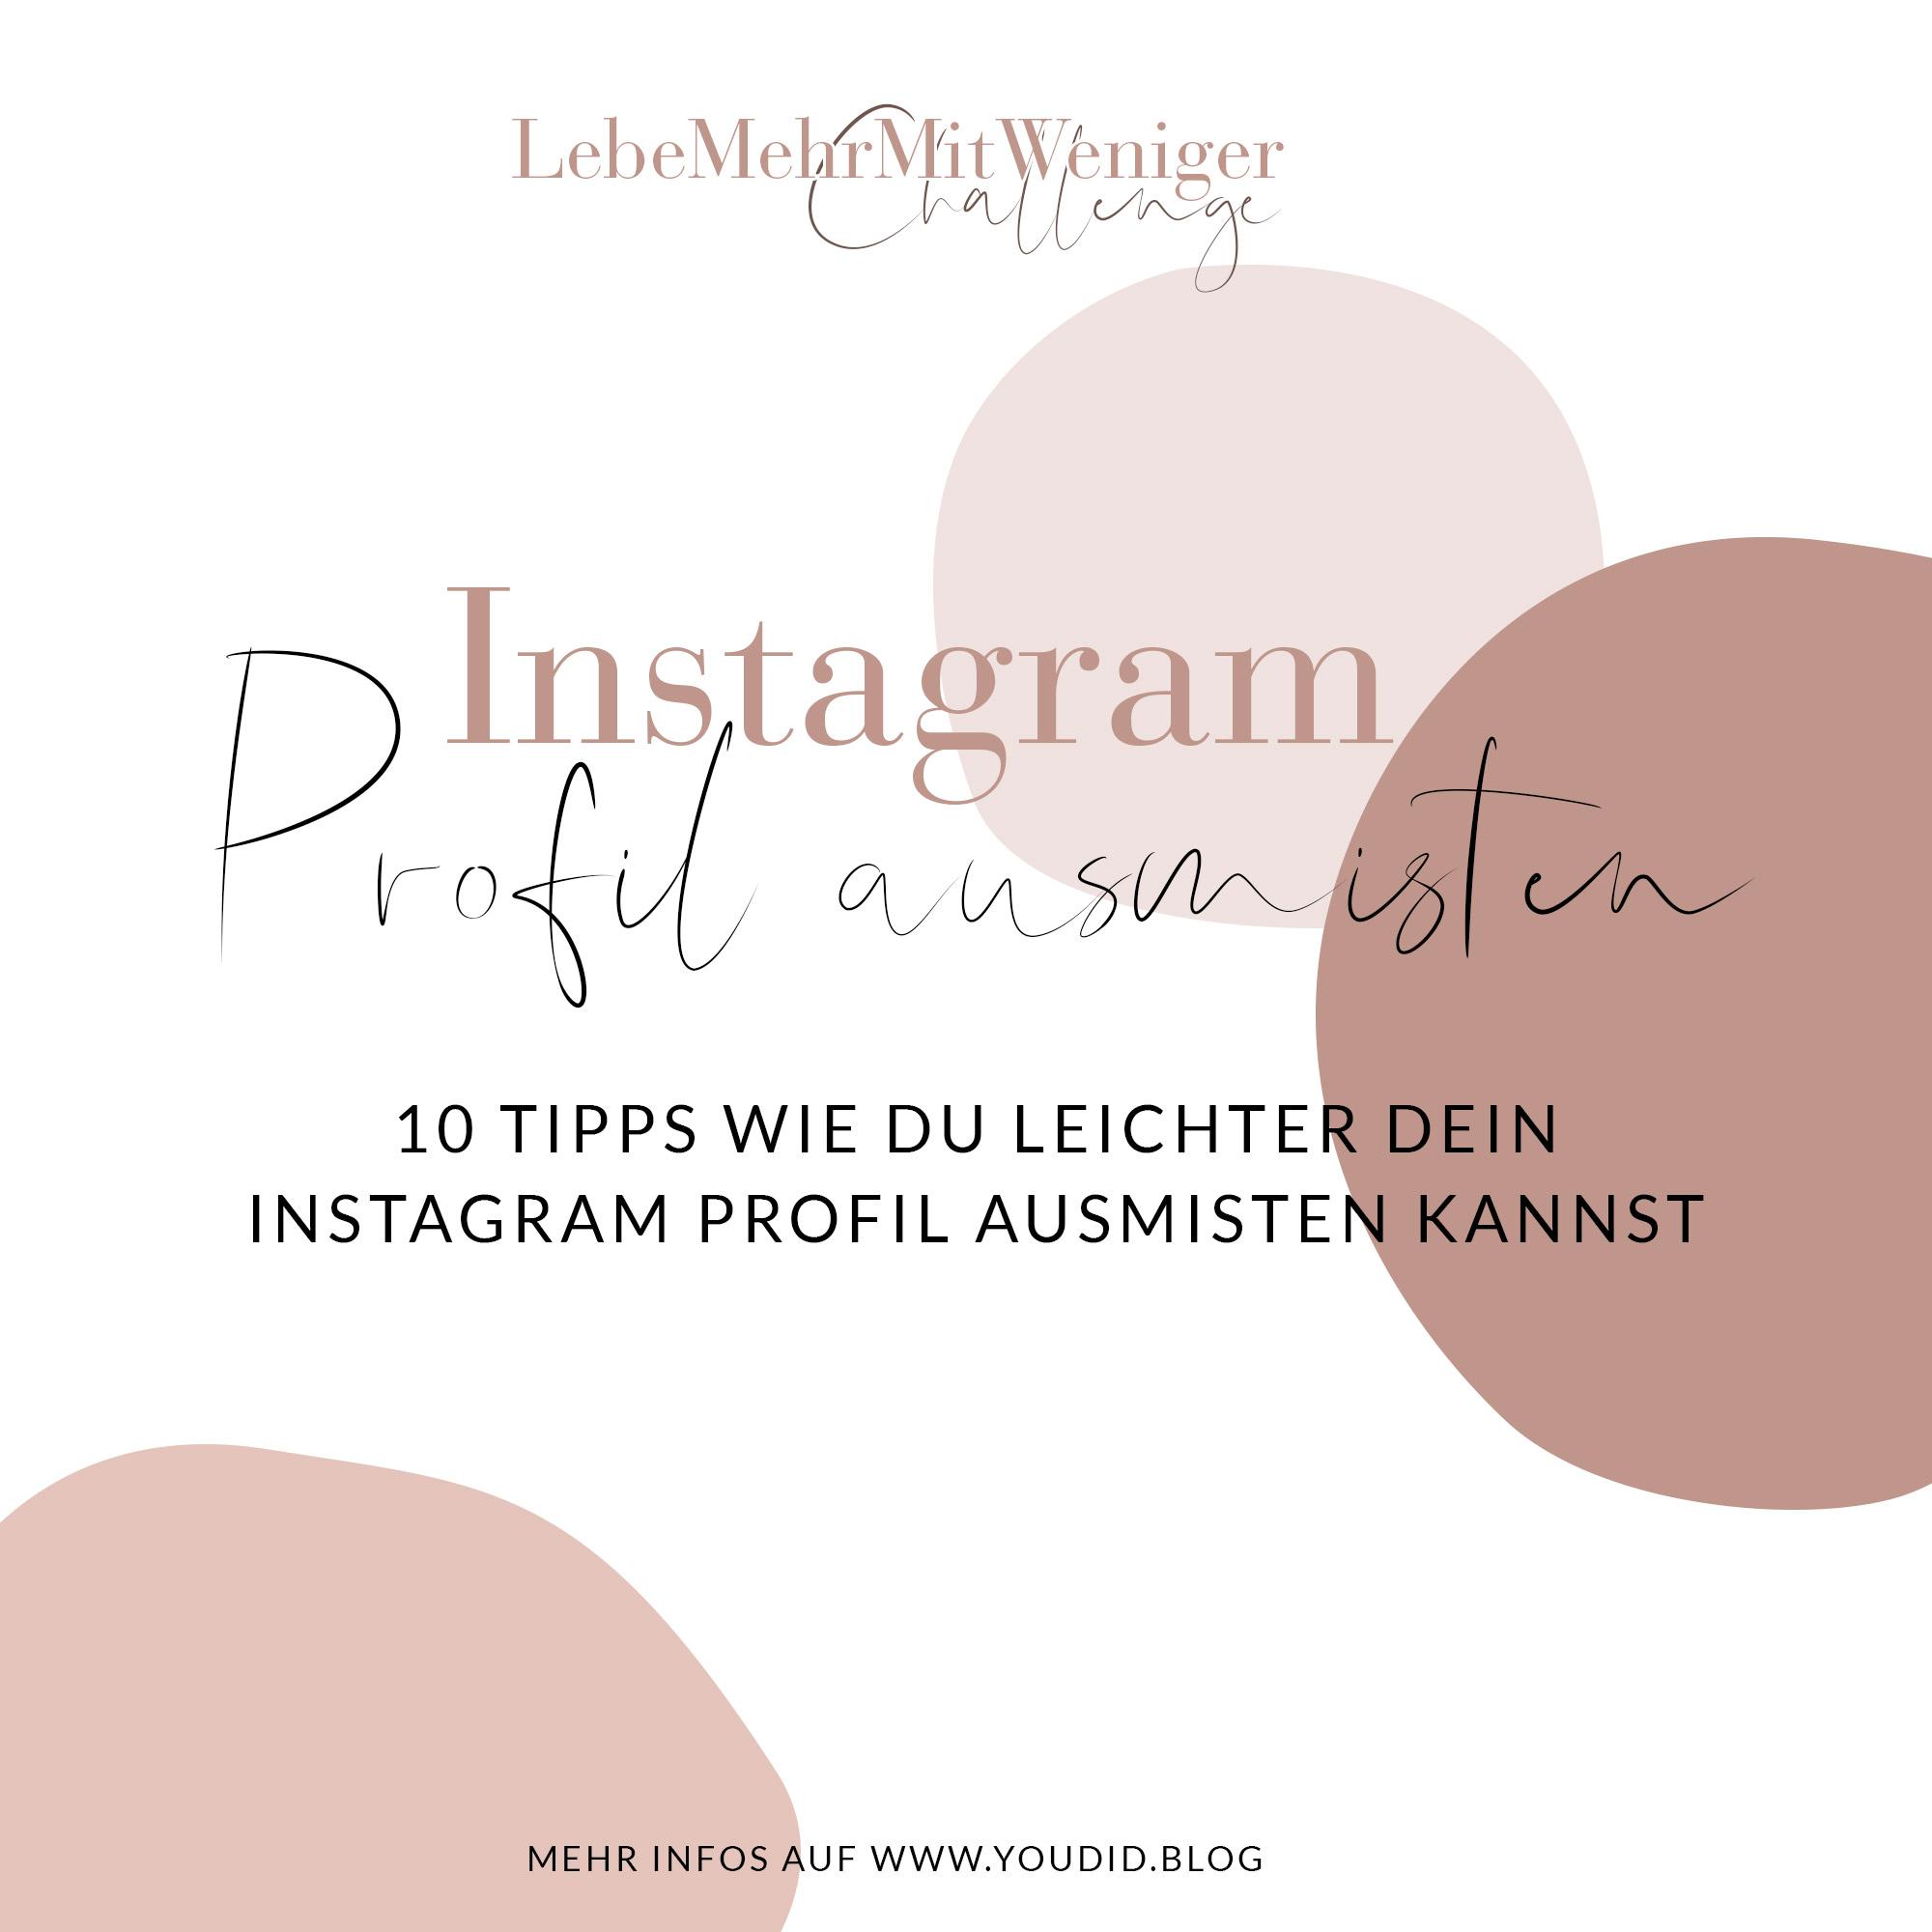 Verbergen mir folgt wer instagram Warum folgen